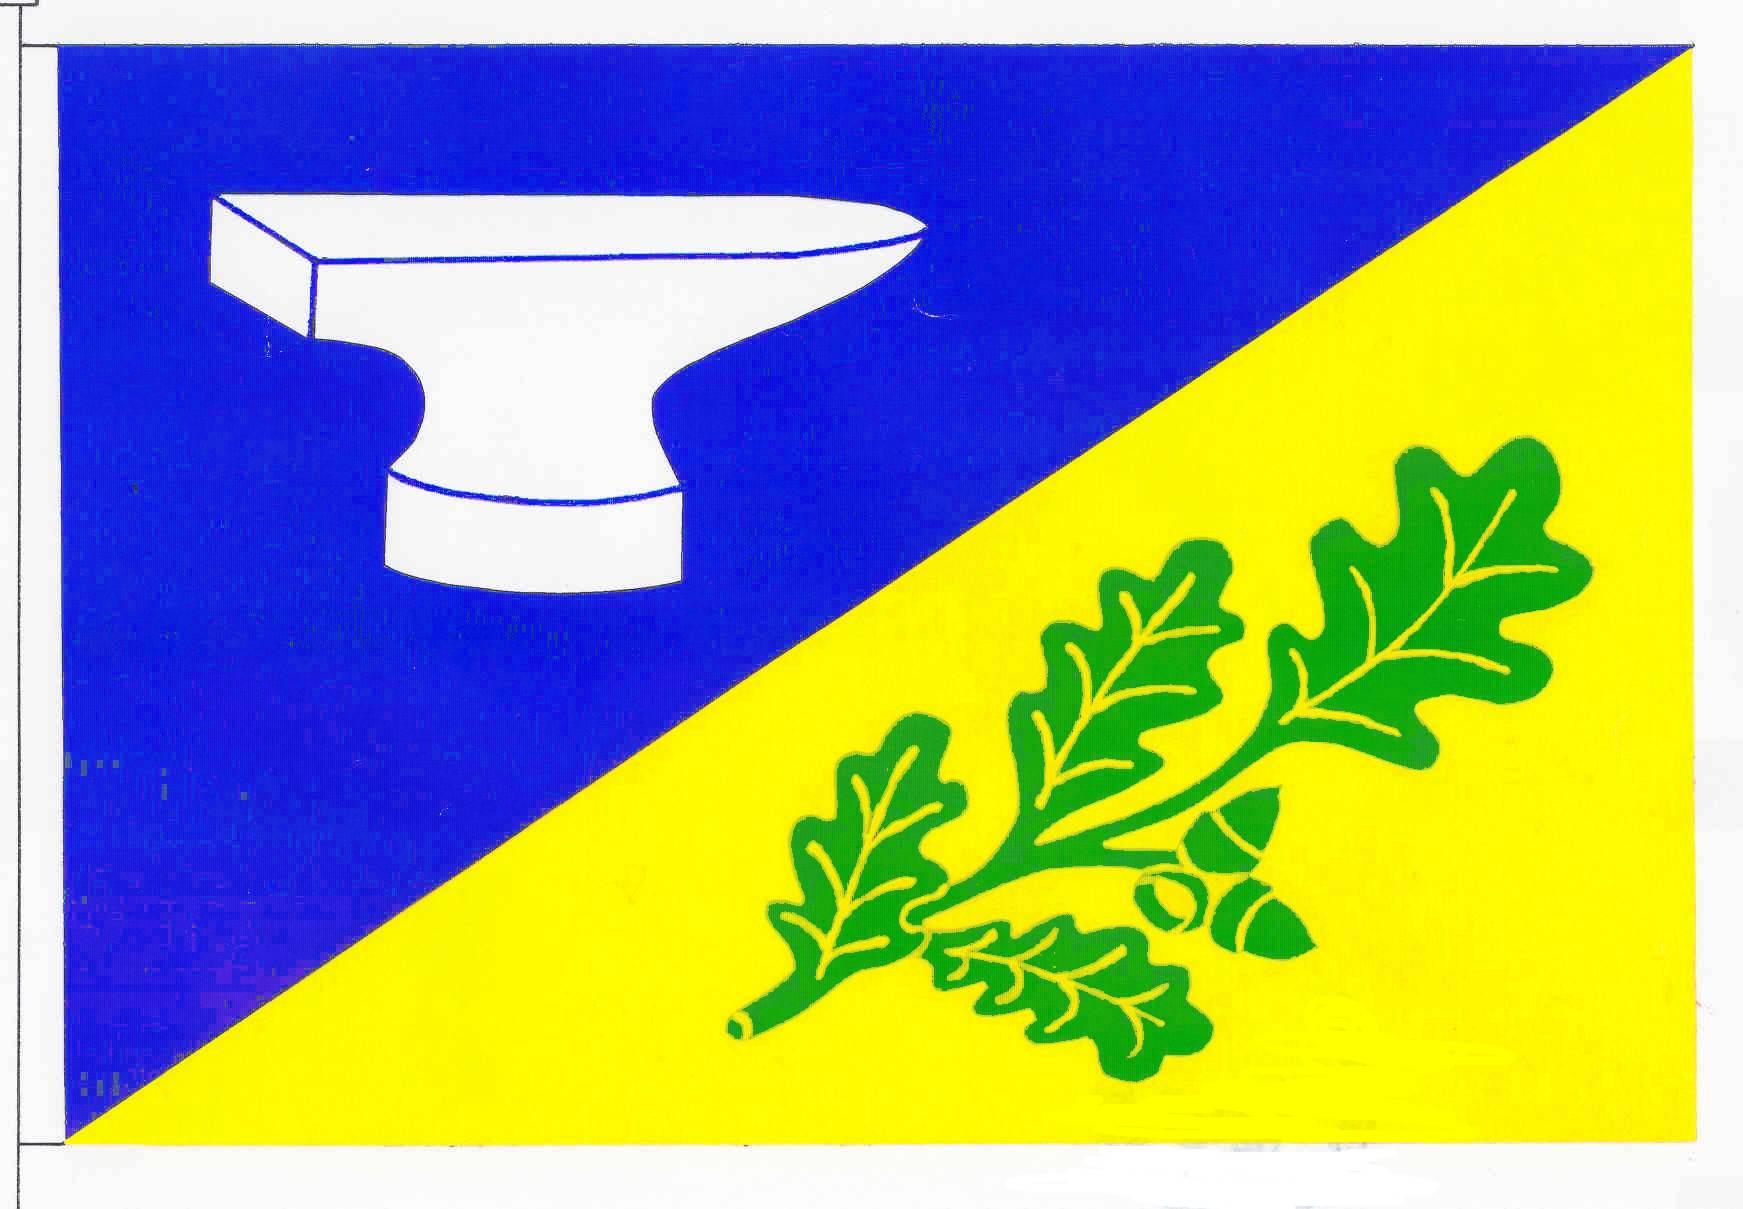 Flagge GemeindeJerrishoe, Kreis Schleswig-Flensburg